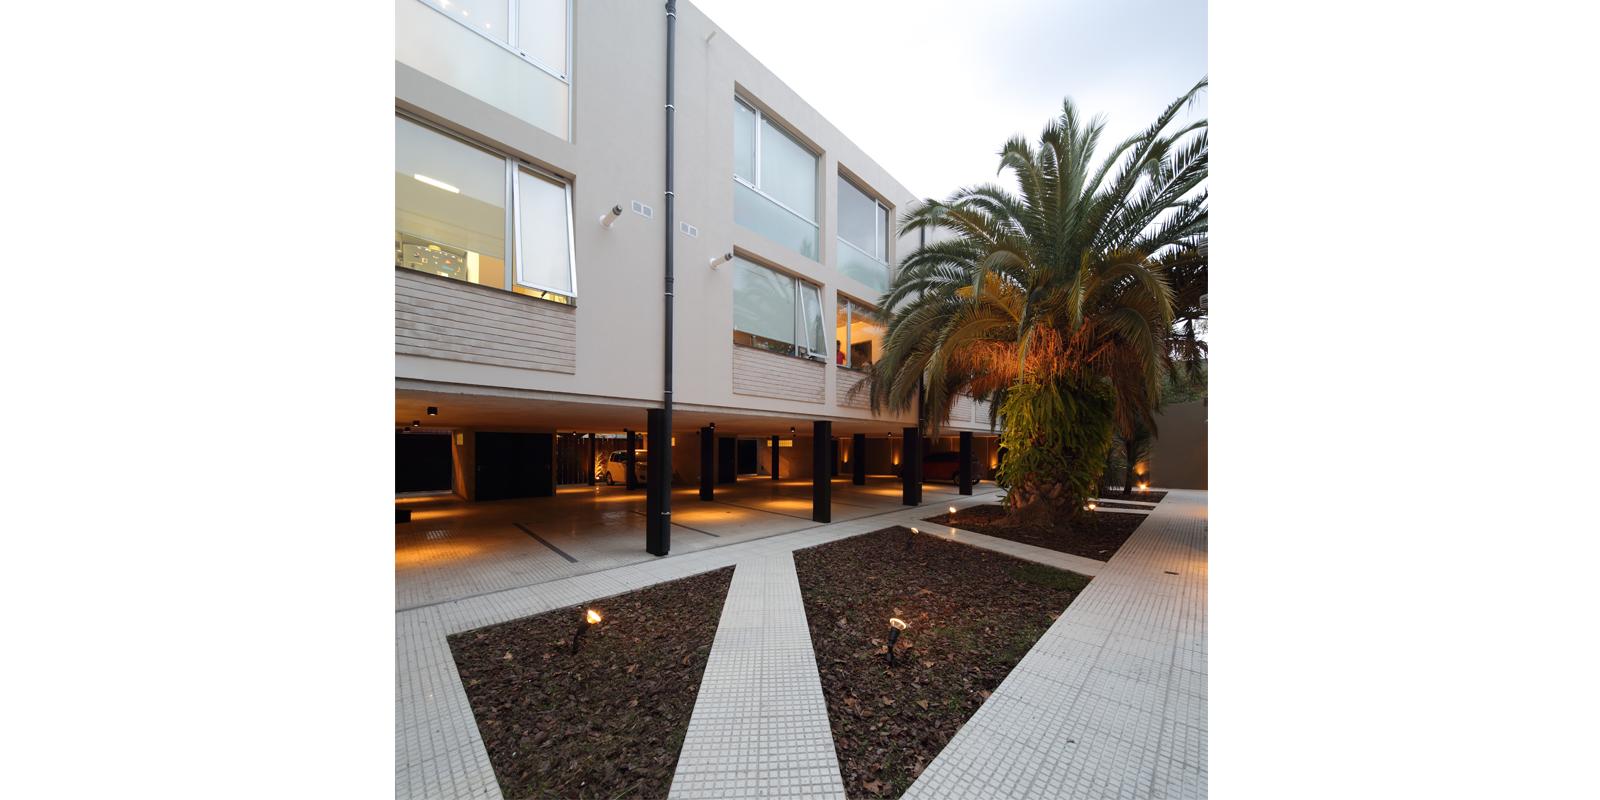 ProyectoC_Arquitectos_Portfolio_09_FloridaDesign